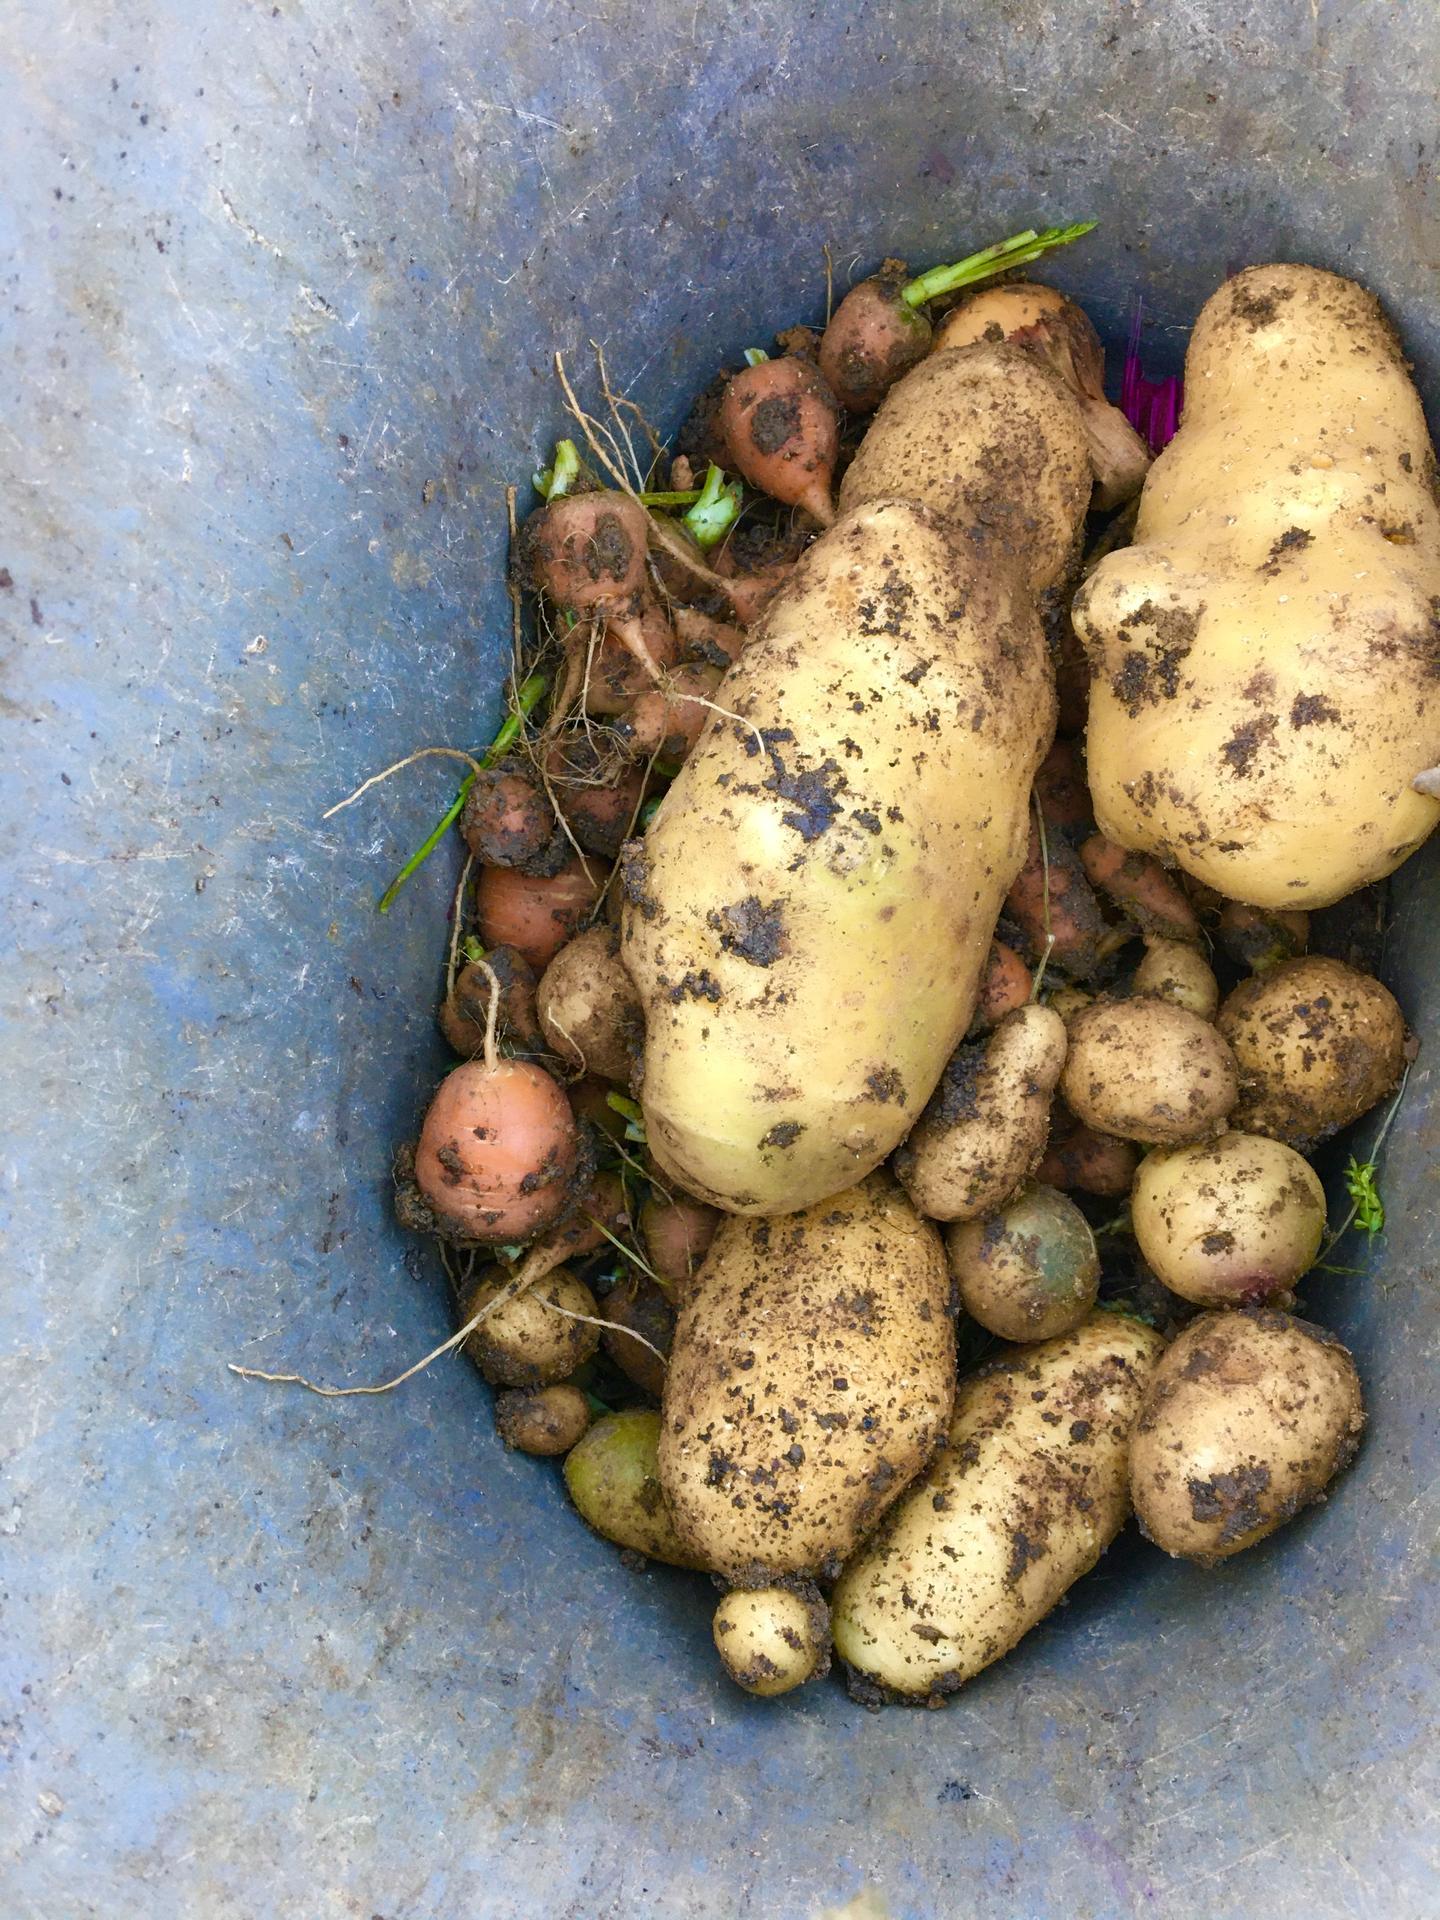 Fáze druhá ... zahrada - Říjen 2020 - sklidila jsem brambory, mrkve a pár řepových zakrslin, no, příští rok ale červenou řepu zkusím zas